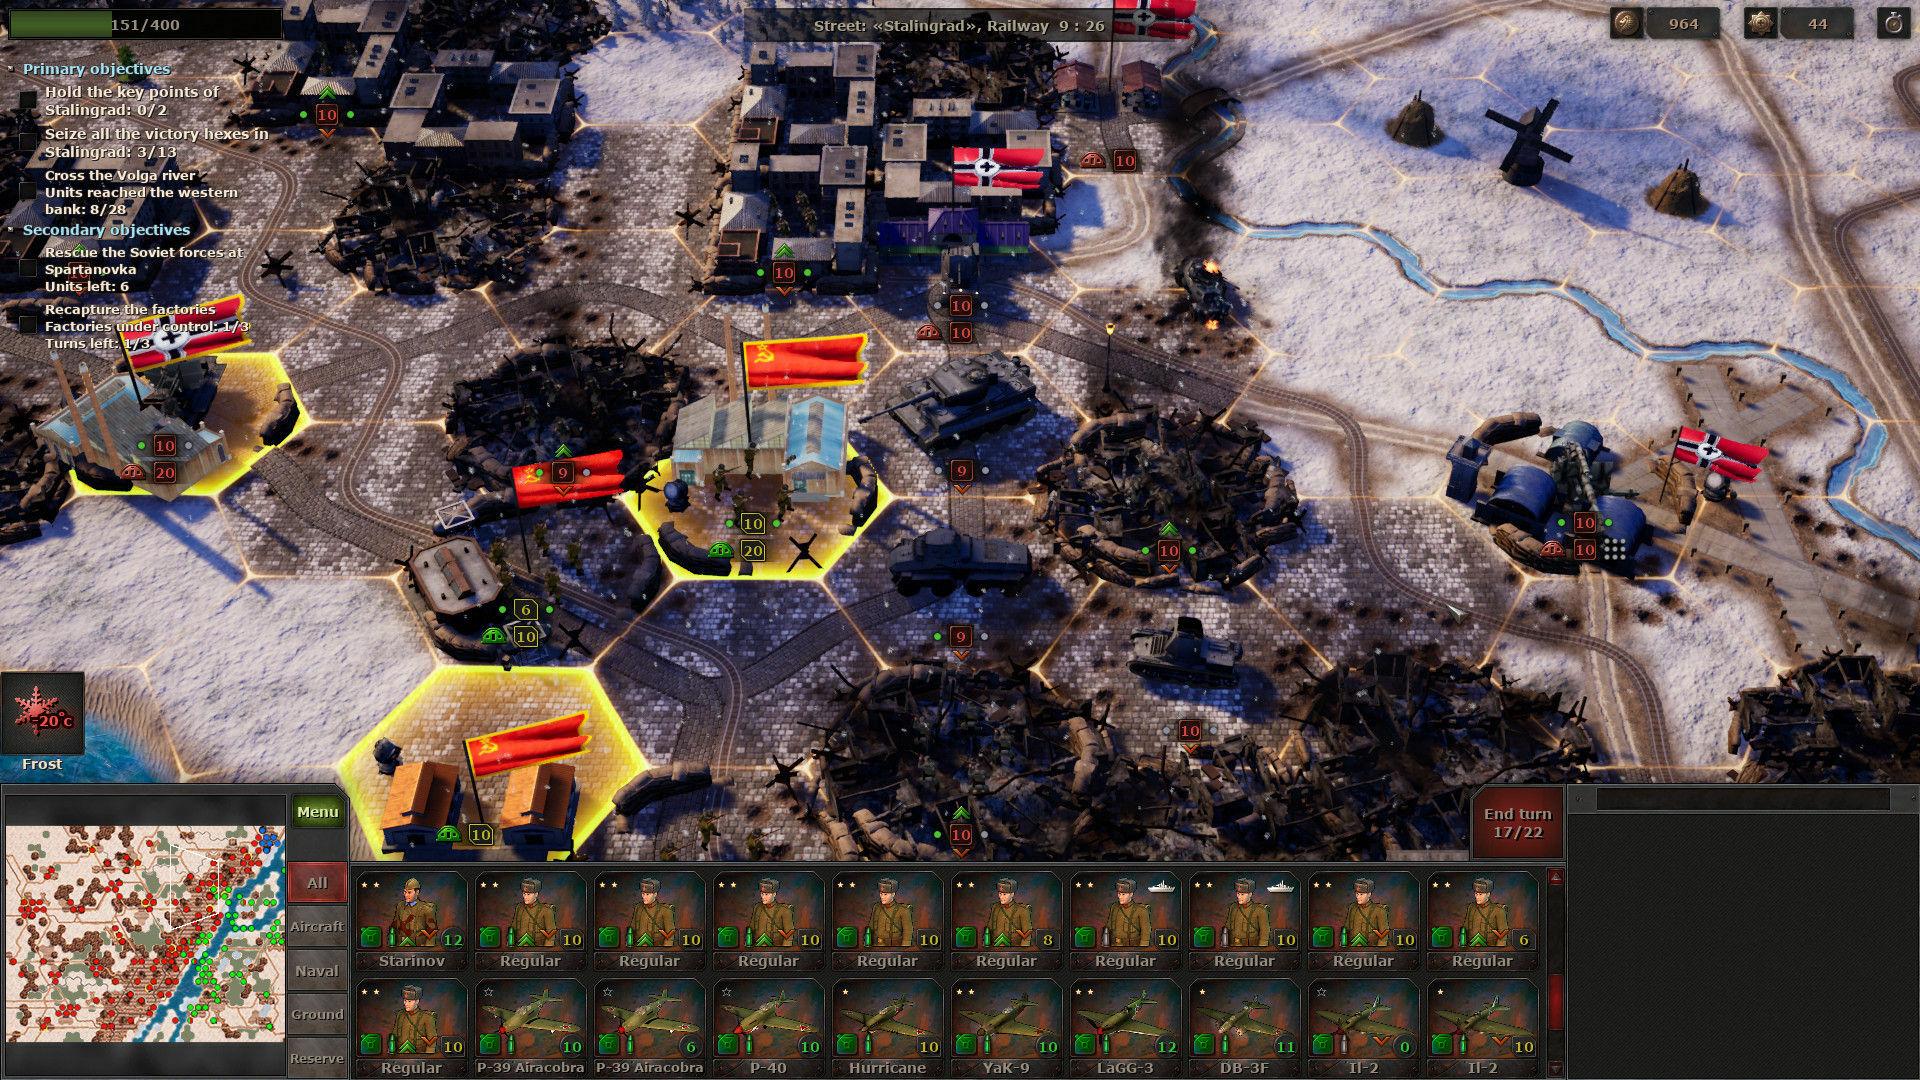 strategic-mind-spectre-of-communism-pc-screenshot-04